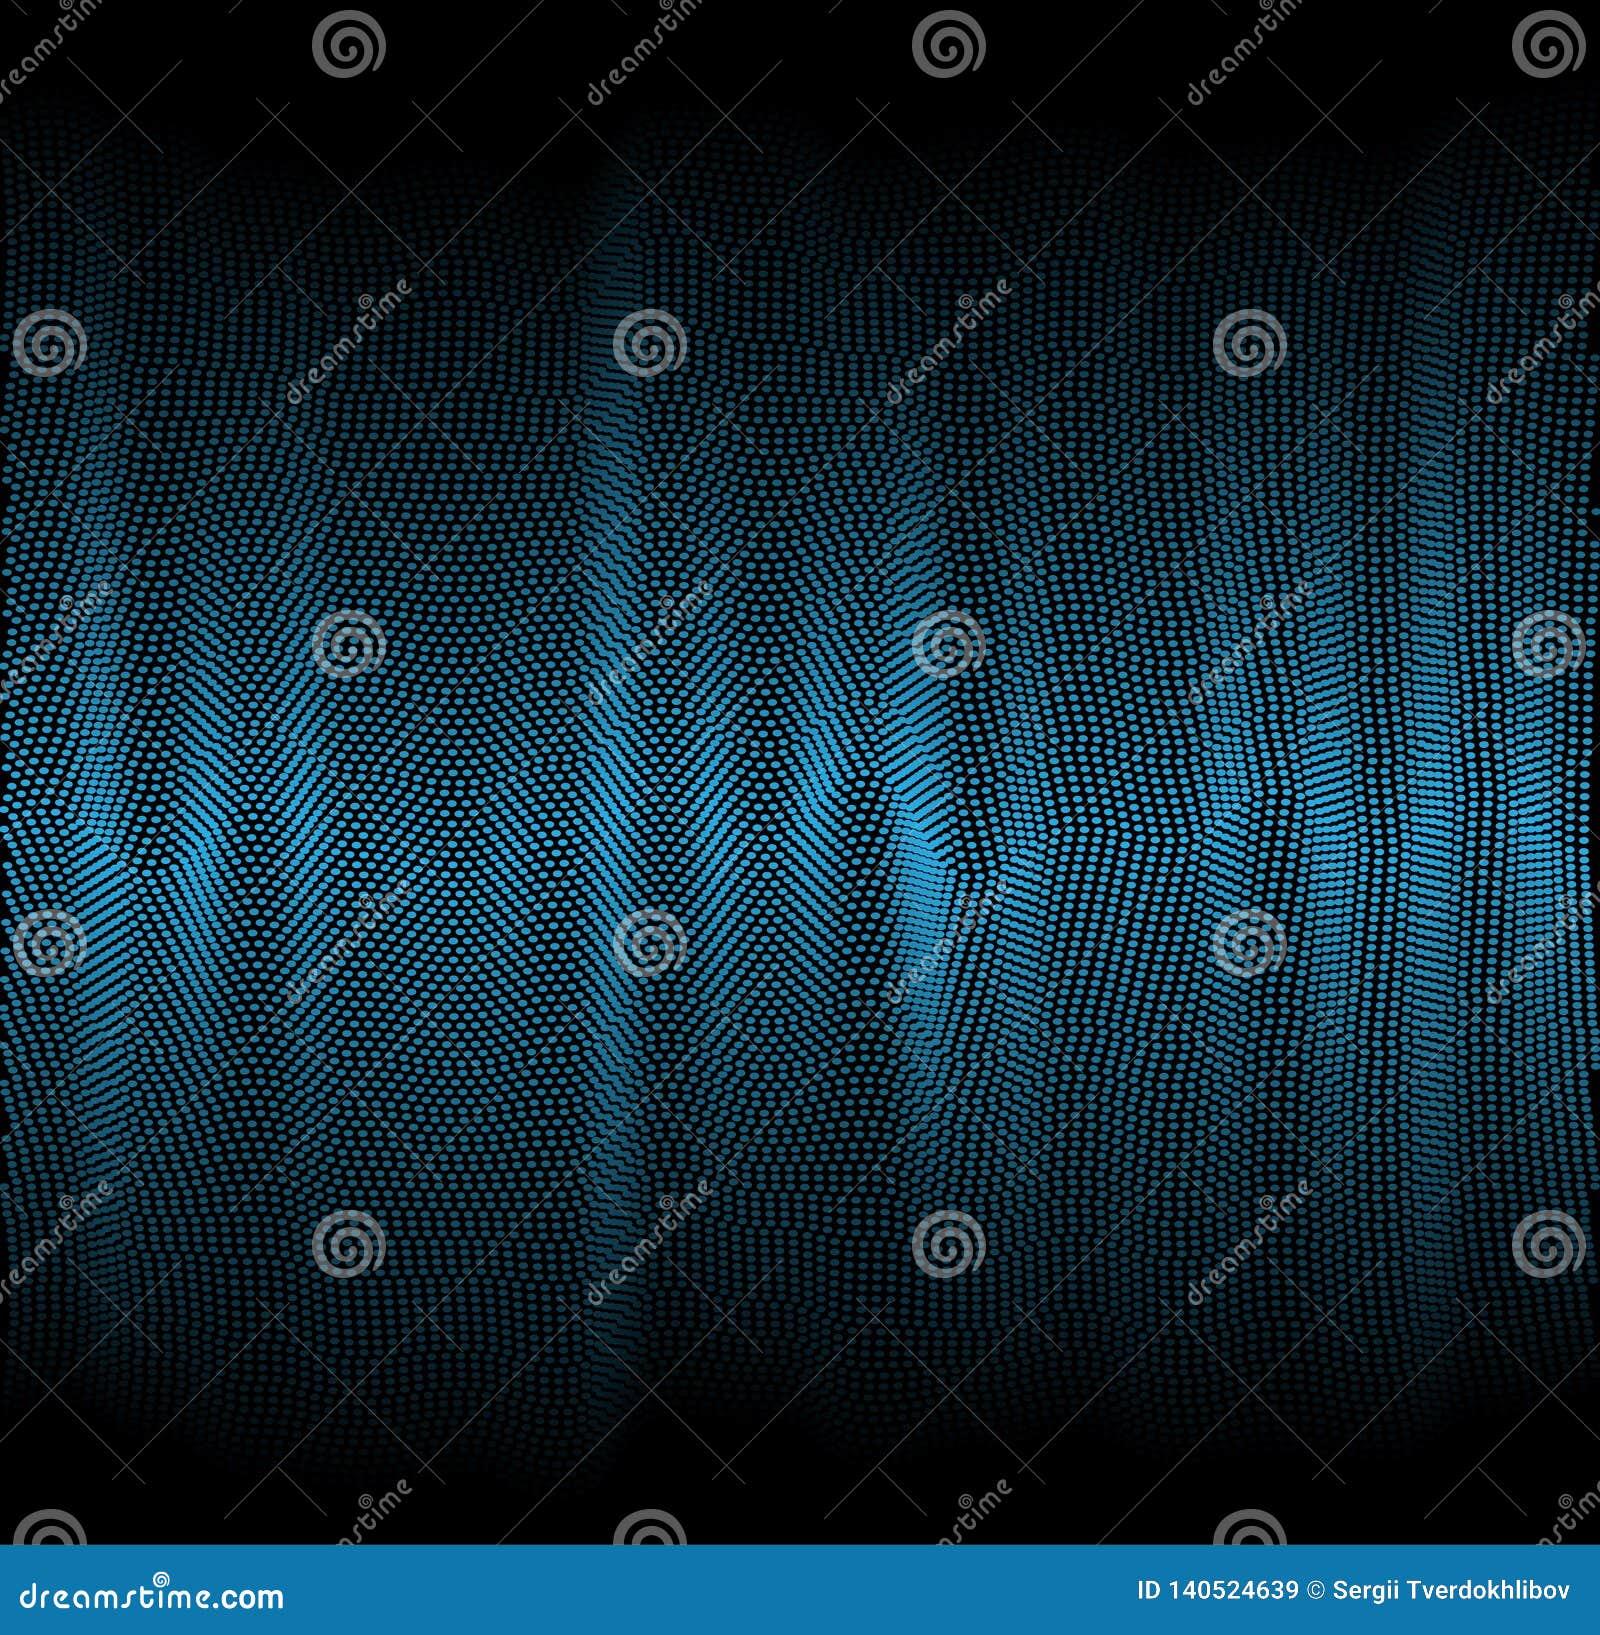 Σκοτεινό υπόβαθρο με τα λεπτά αφηρημένα κύματα από τις γραμμές διαφορετικών χρωμάτων Κάλυψη ή υπόβαθρο για την παρουσίαση